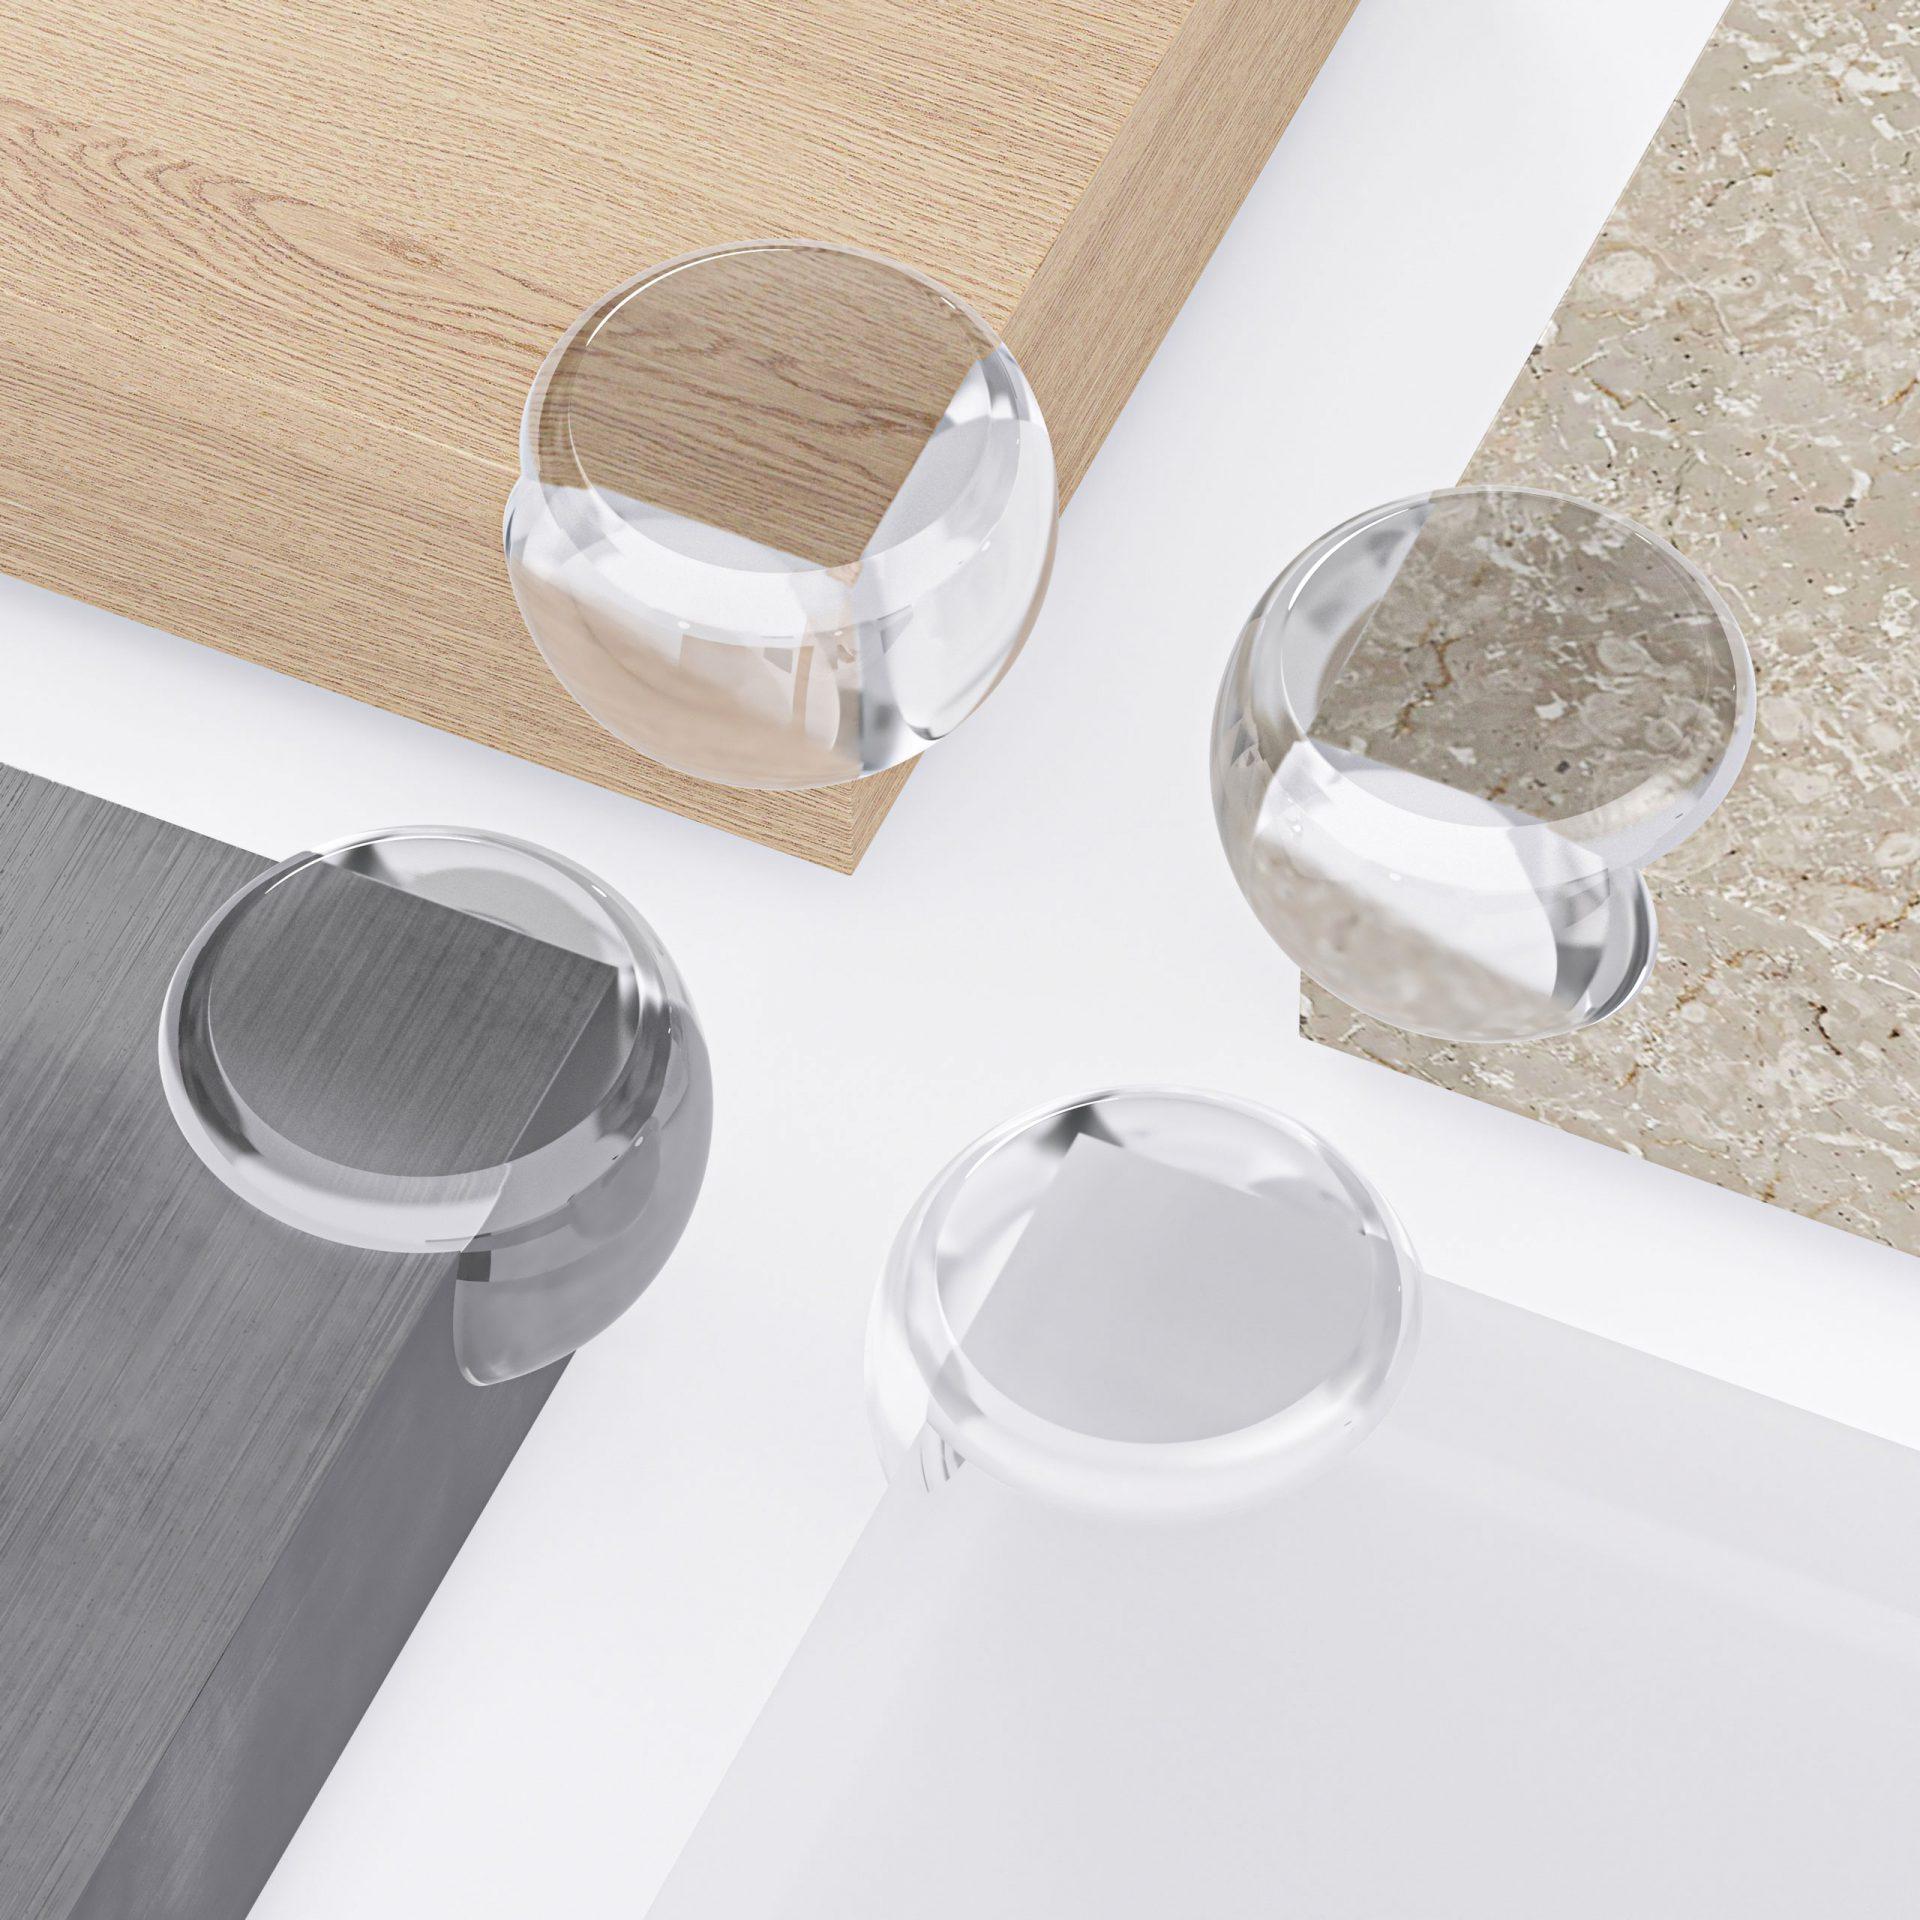 3D Visualisierung Tischkante